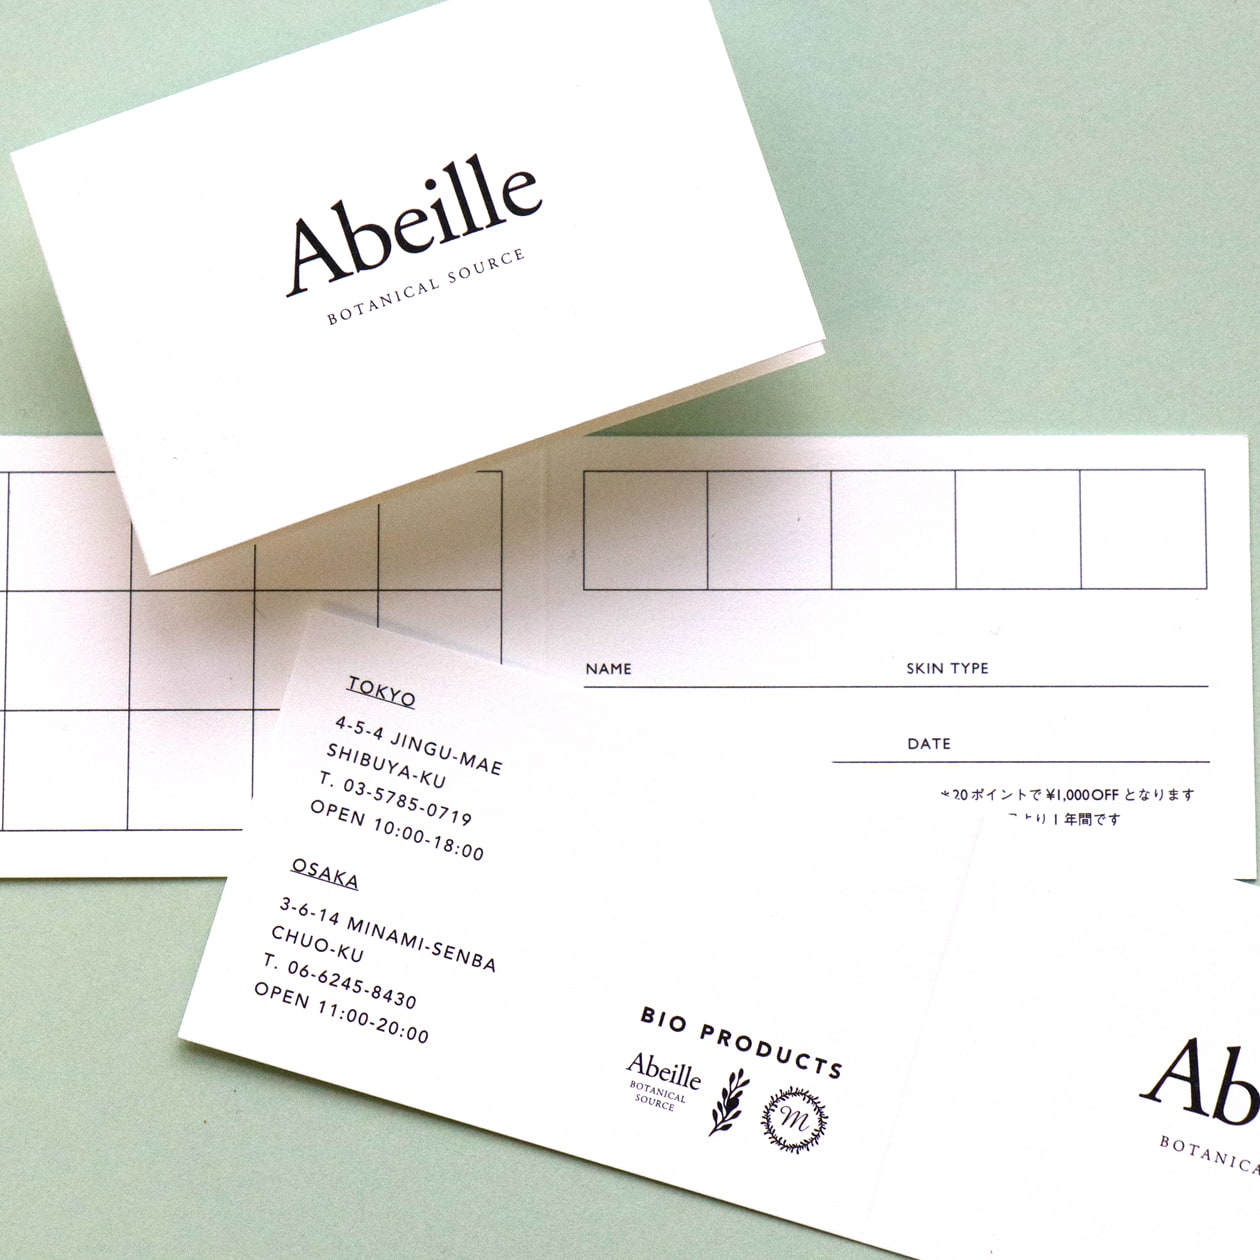 化粧品ブランドのポイントカード